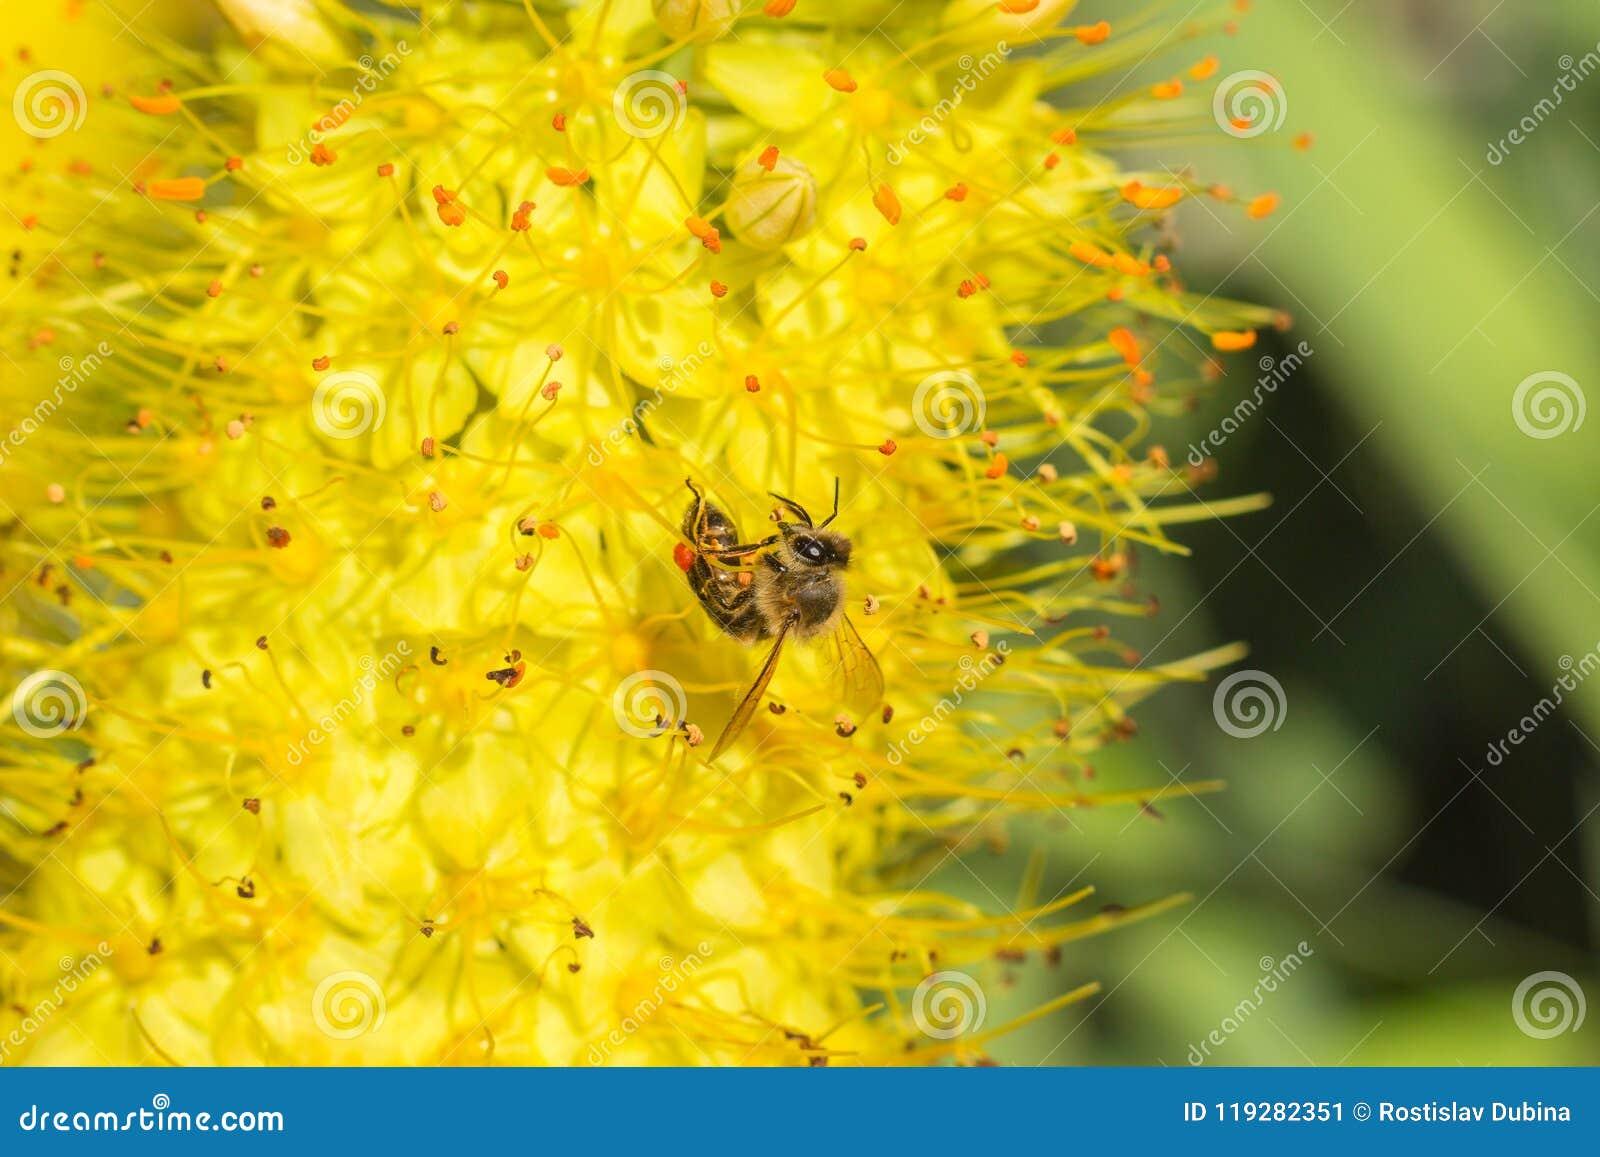 蜂的特写镜头照片 蜜蜂收集花粉特写镜头 蜂的照片坐一朵黄色花 蜂授粉